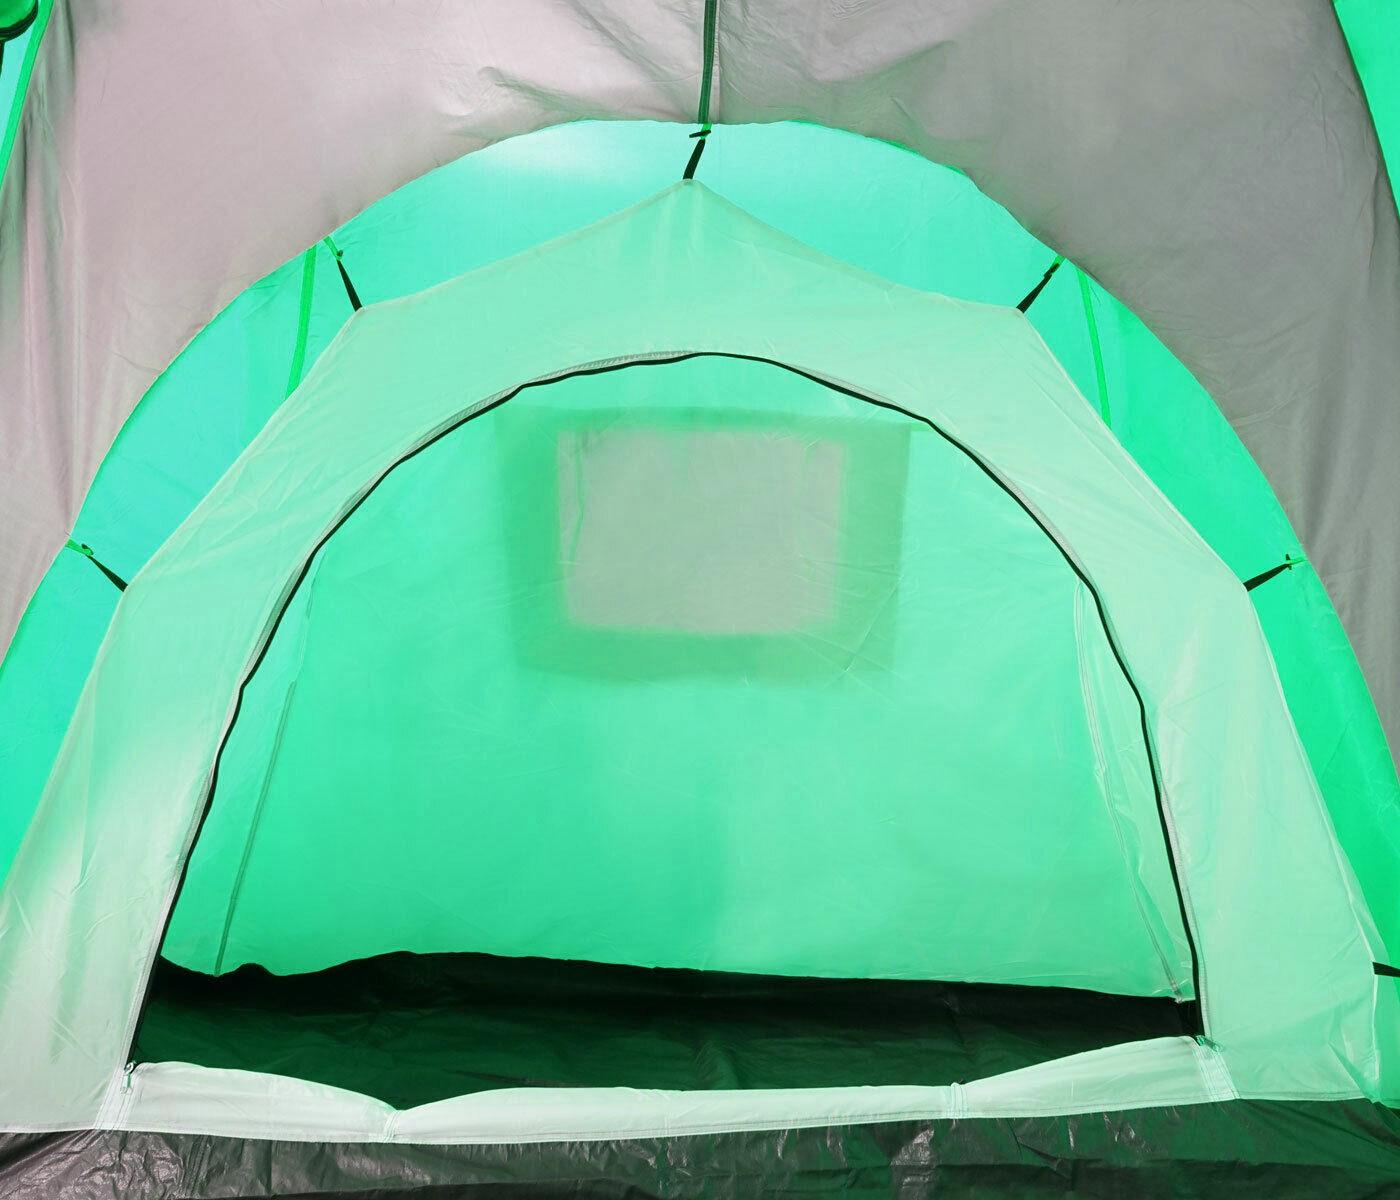 Campingzelt Laagri, 6-Mann Kuppelzelt Igluzelt Festival-Zelt, 6 Personen grün grün grün 6ea855